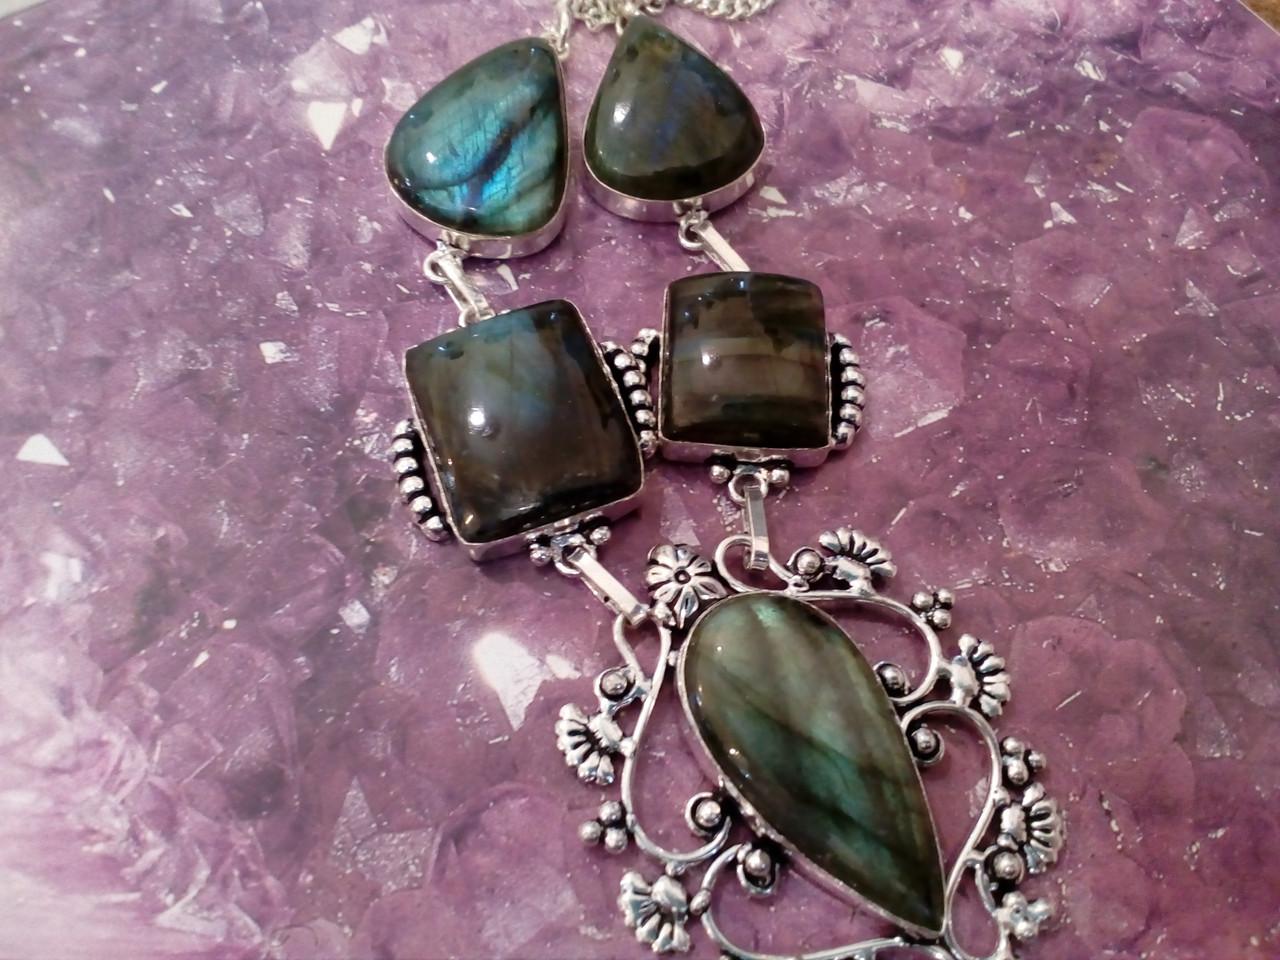 Ожерелье с лабрадором. Красивое колье с камнем лабрадор в серебре. Индия!